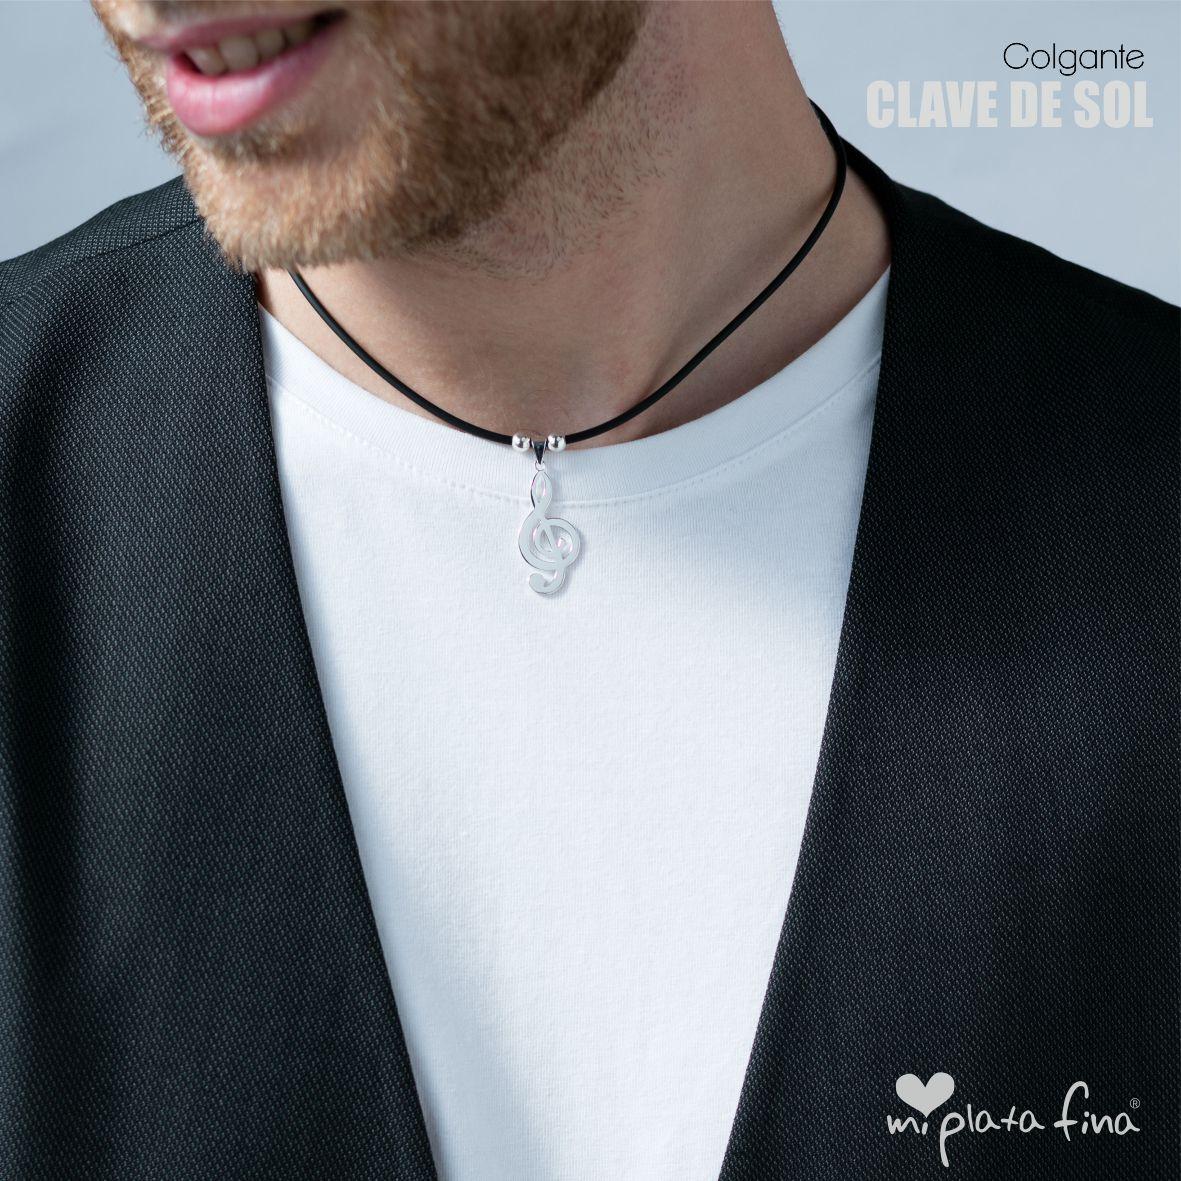 879106a23eb0 Colgante Collar Clave de Sol con Nombre Grabado